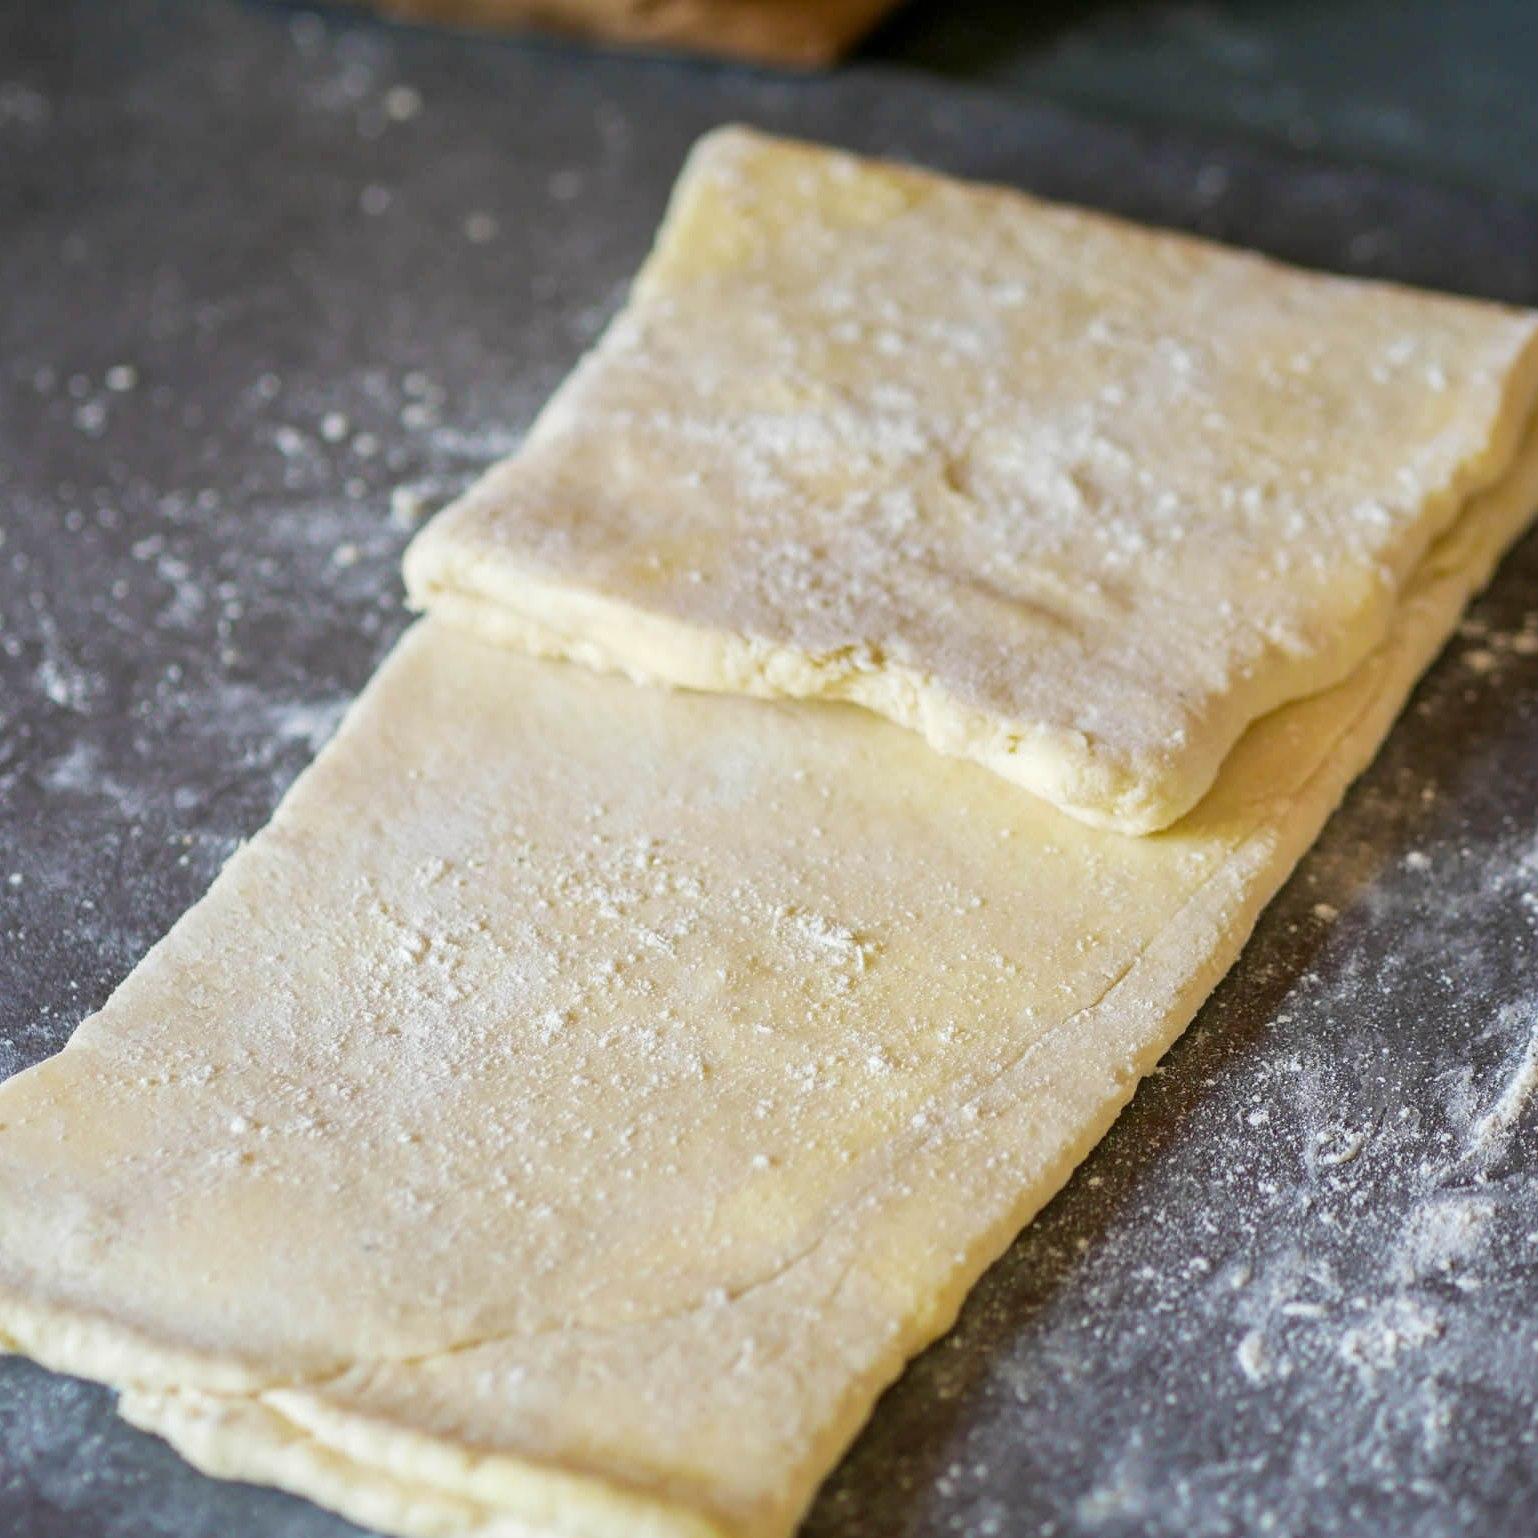 On replie le bord supérieur, puis l'inférieur, puis on réétale la pâte, on la tourne d'un quart de tour avec les plis sur le côté